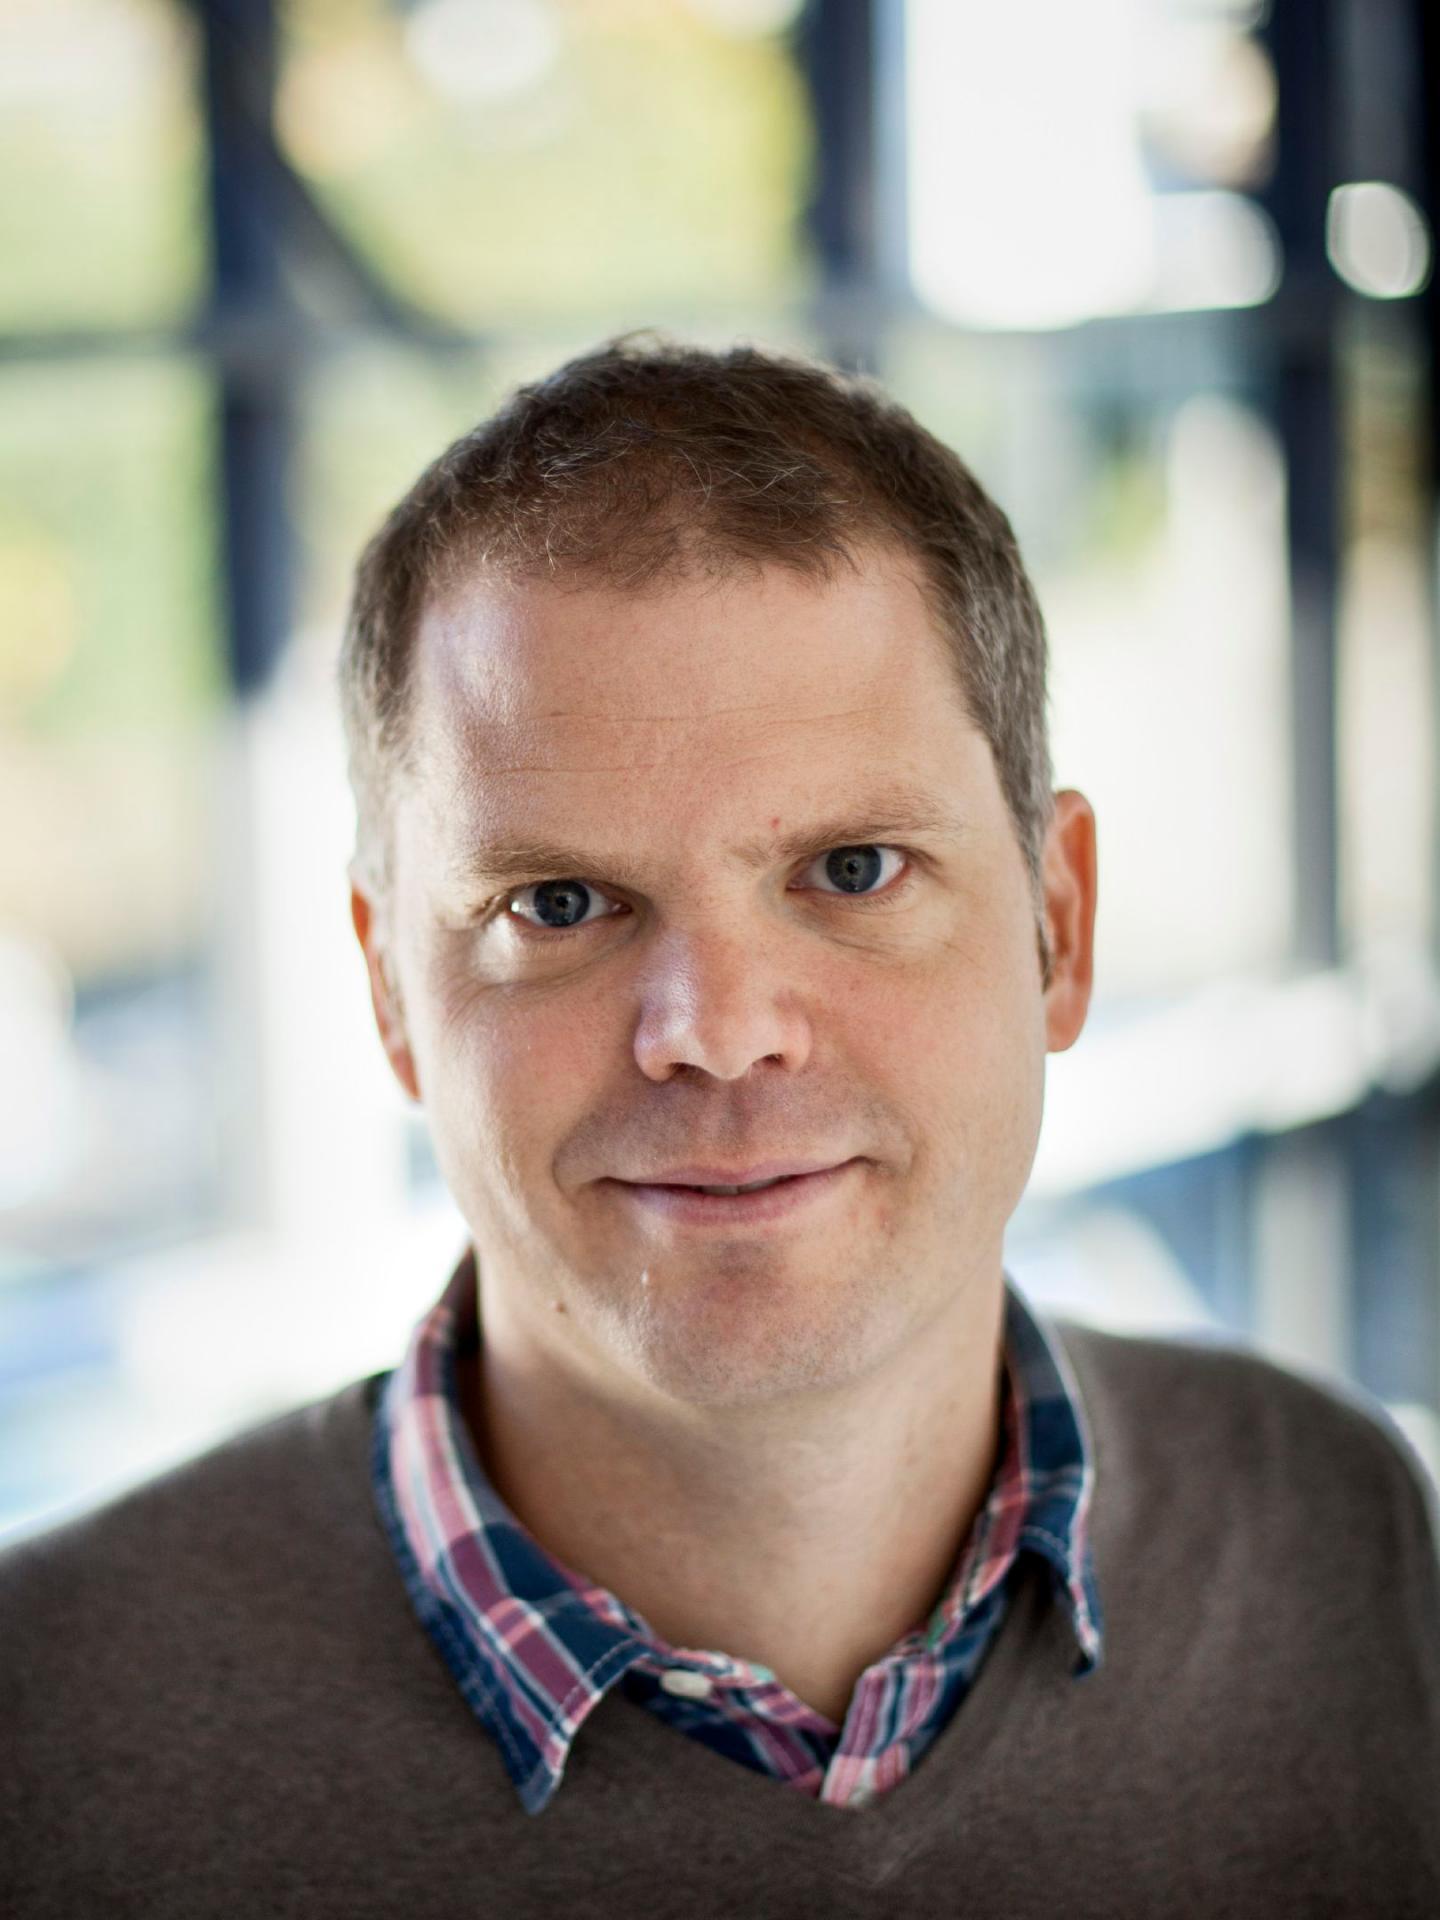 Fredrik Backhed, University of Gothenburg